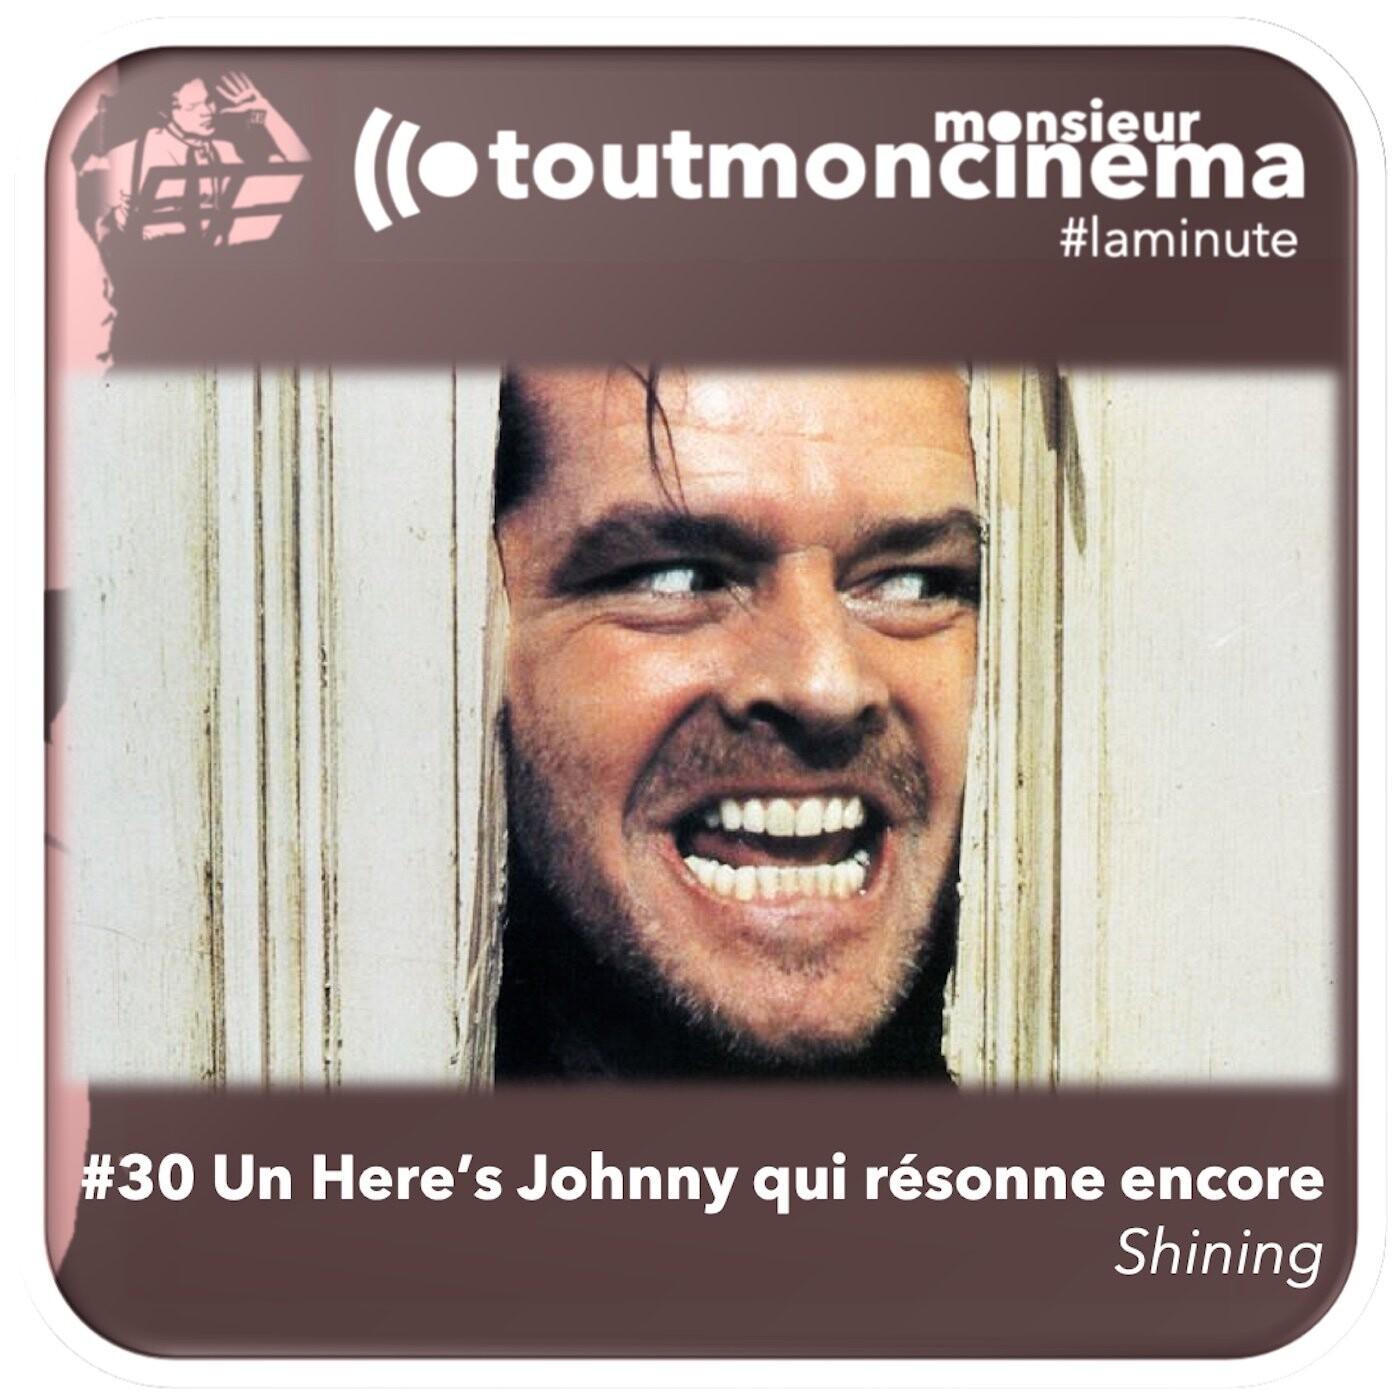 #30 Un Here's Johnny qui résonne encore (Shining)